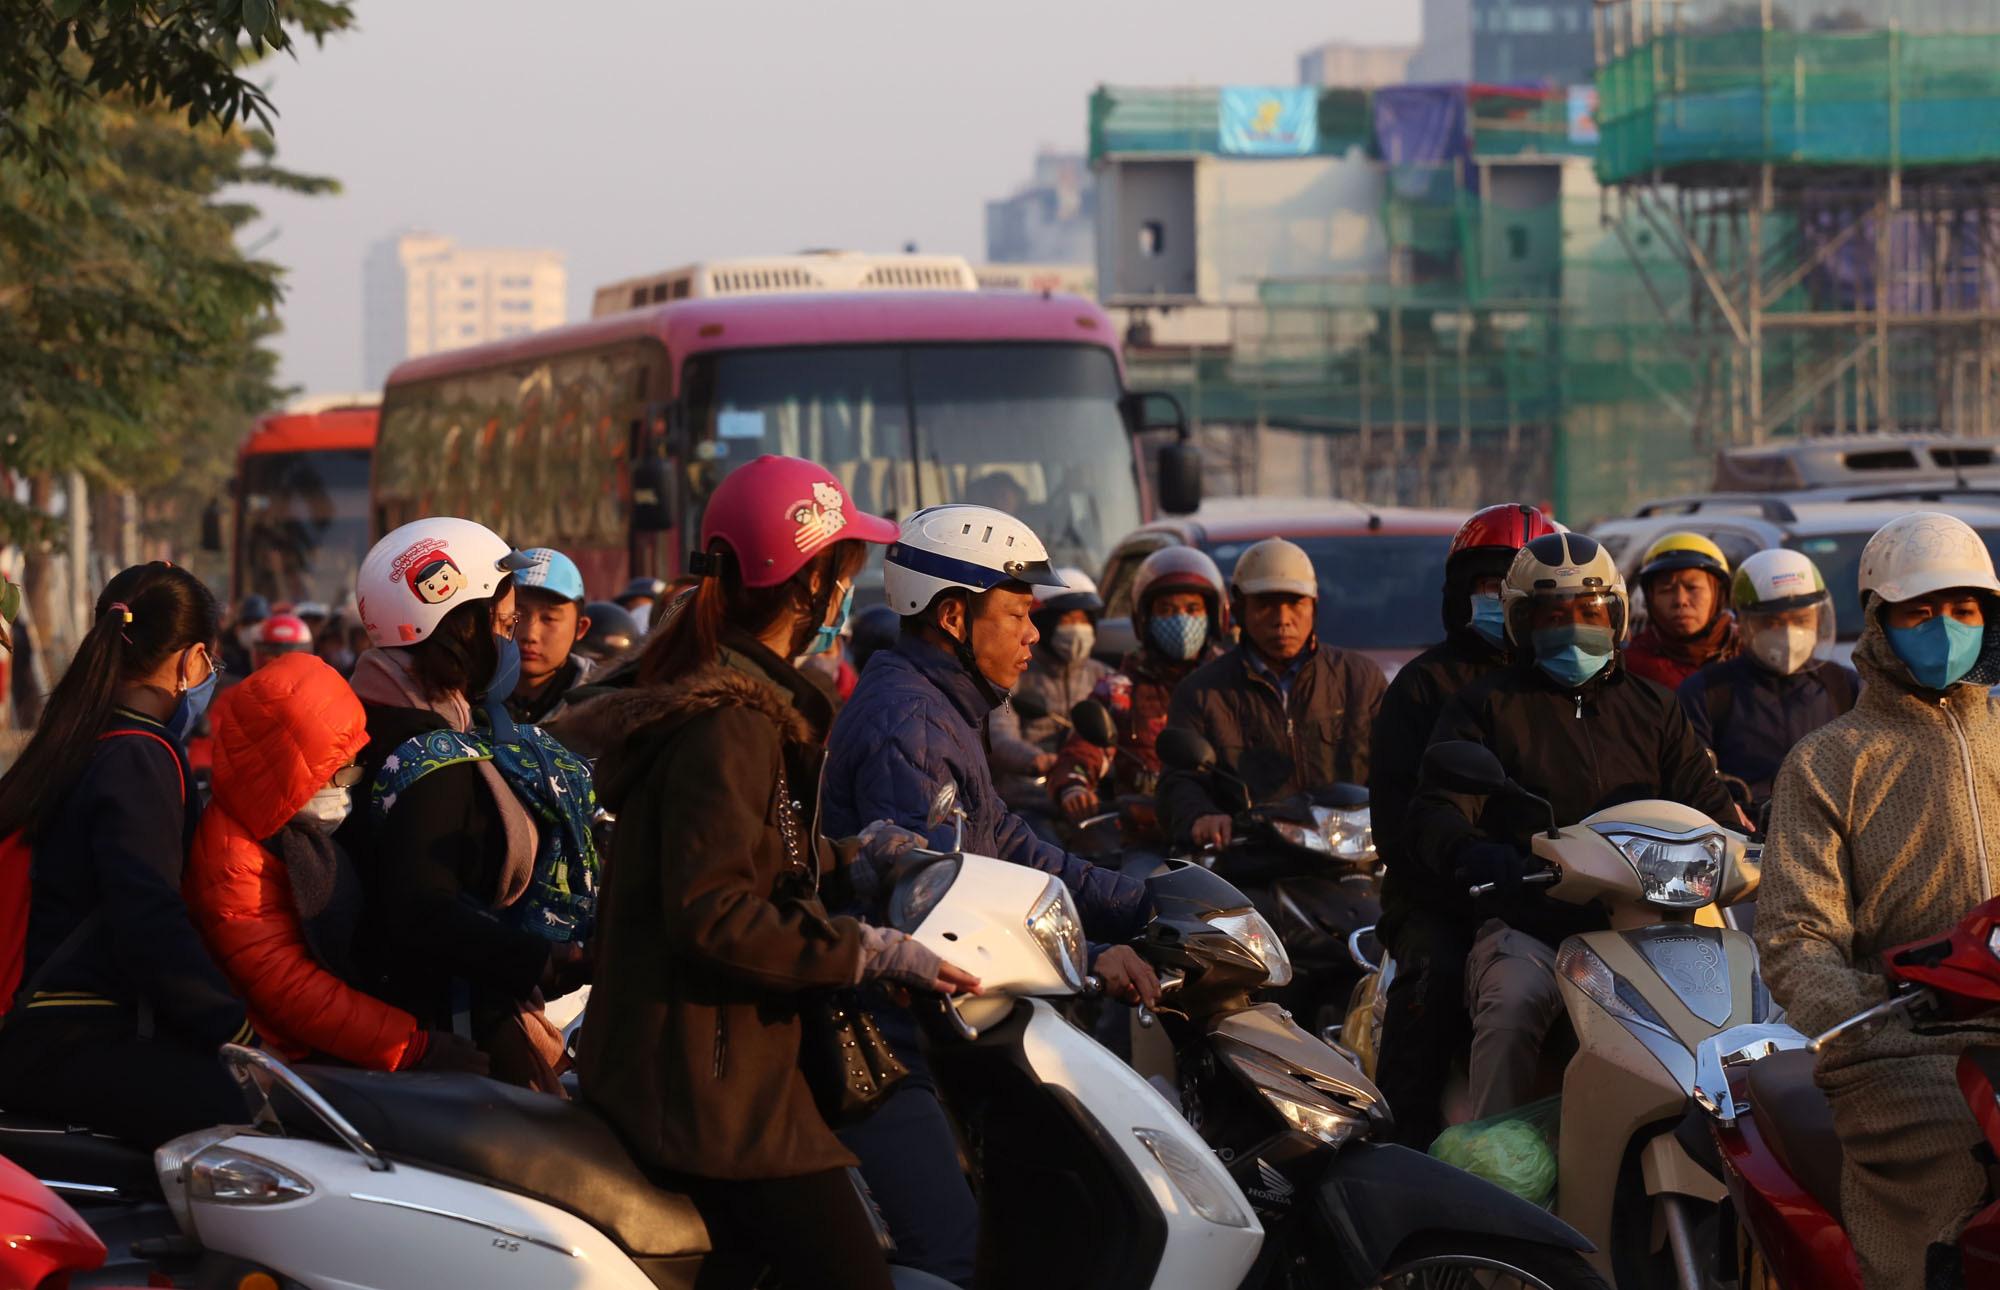 Ùn tắc và ô nhiễm không khí ở Hà Nội: Hạn chế xe cá nhân vẫn là 'bài toán' nhạy cảm - Ảnh 2.